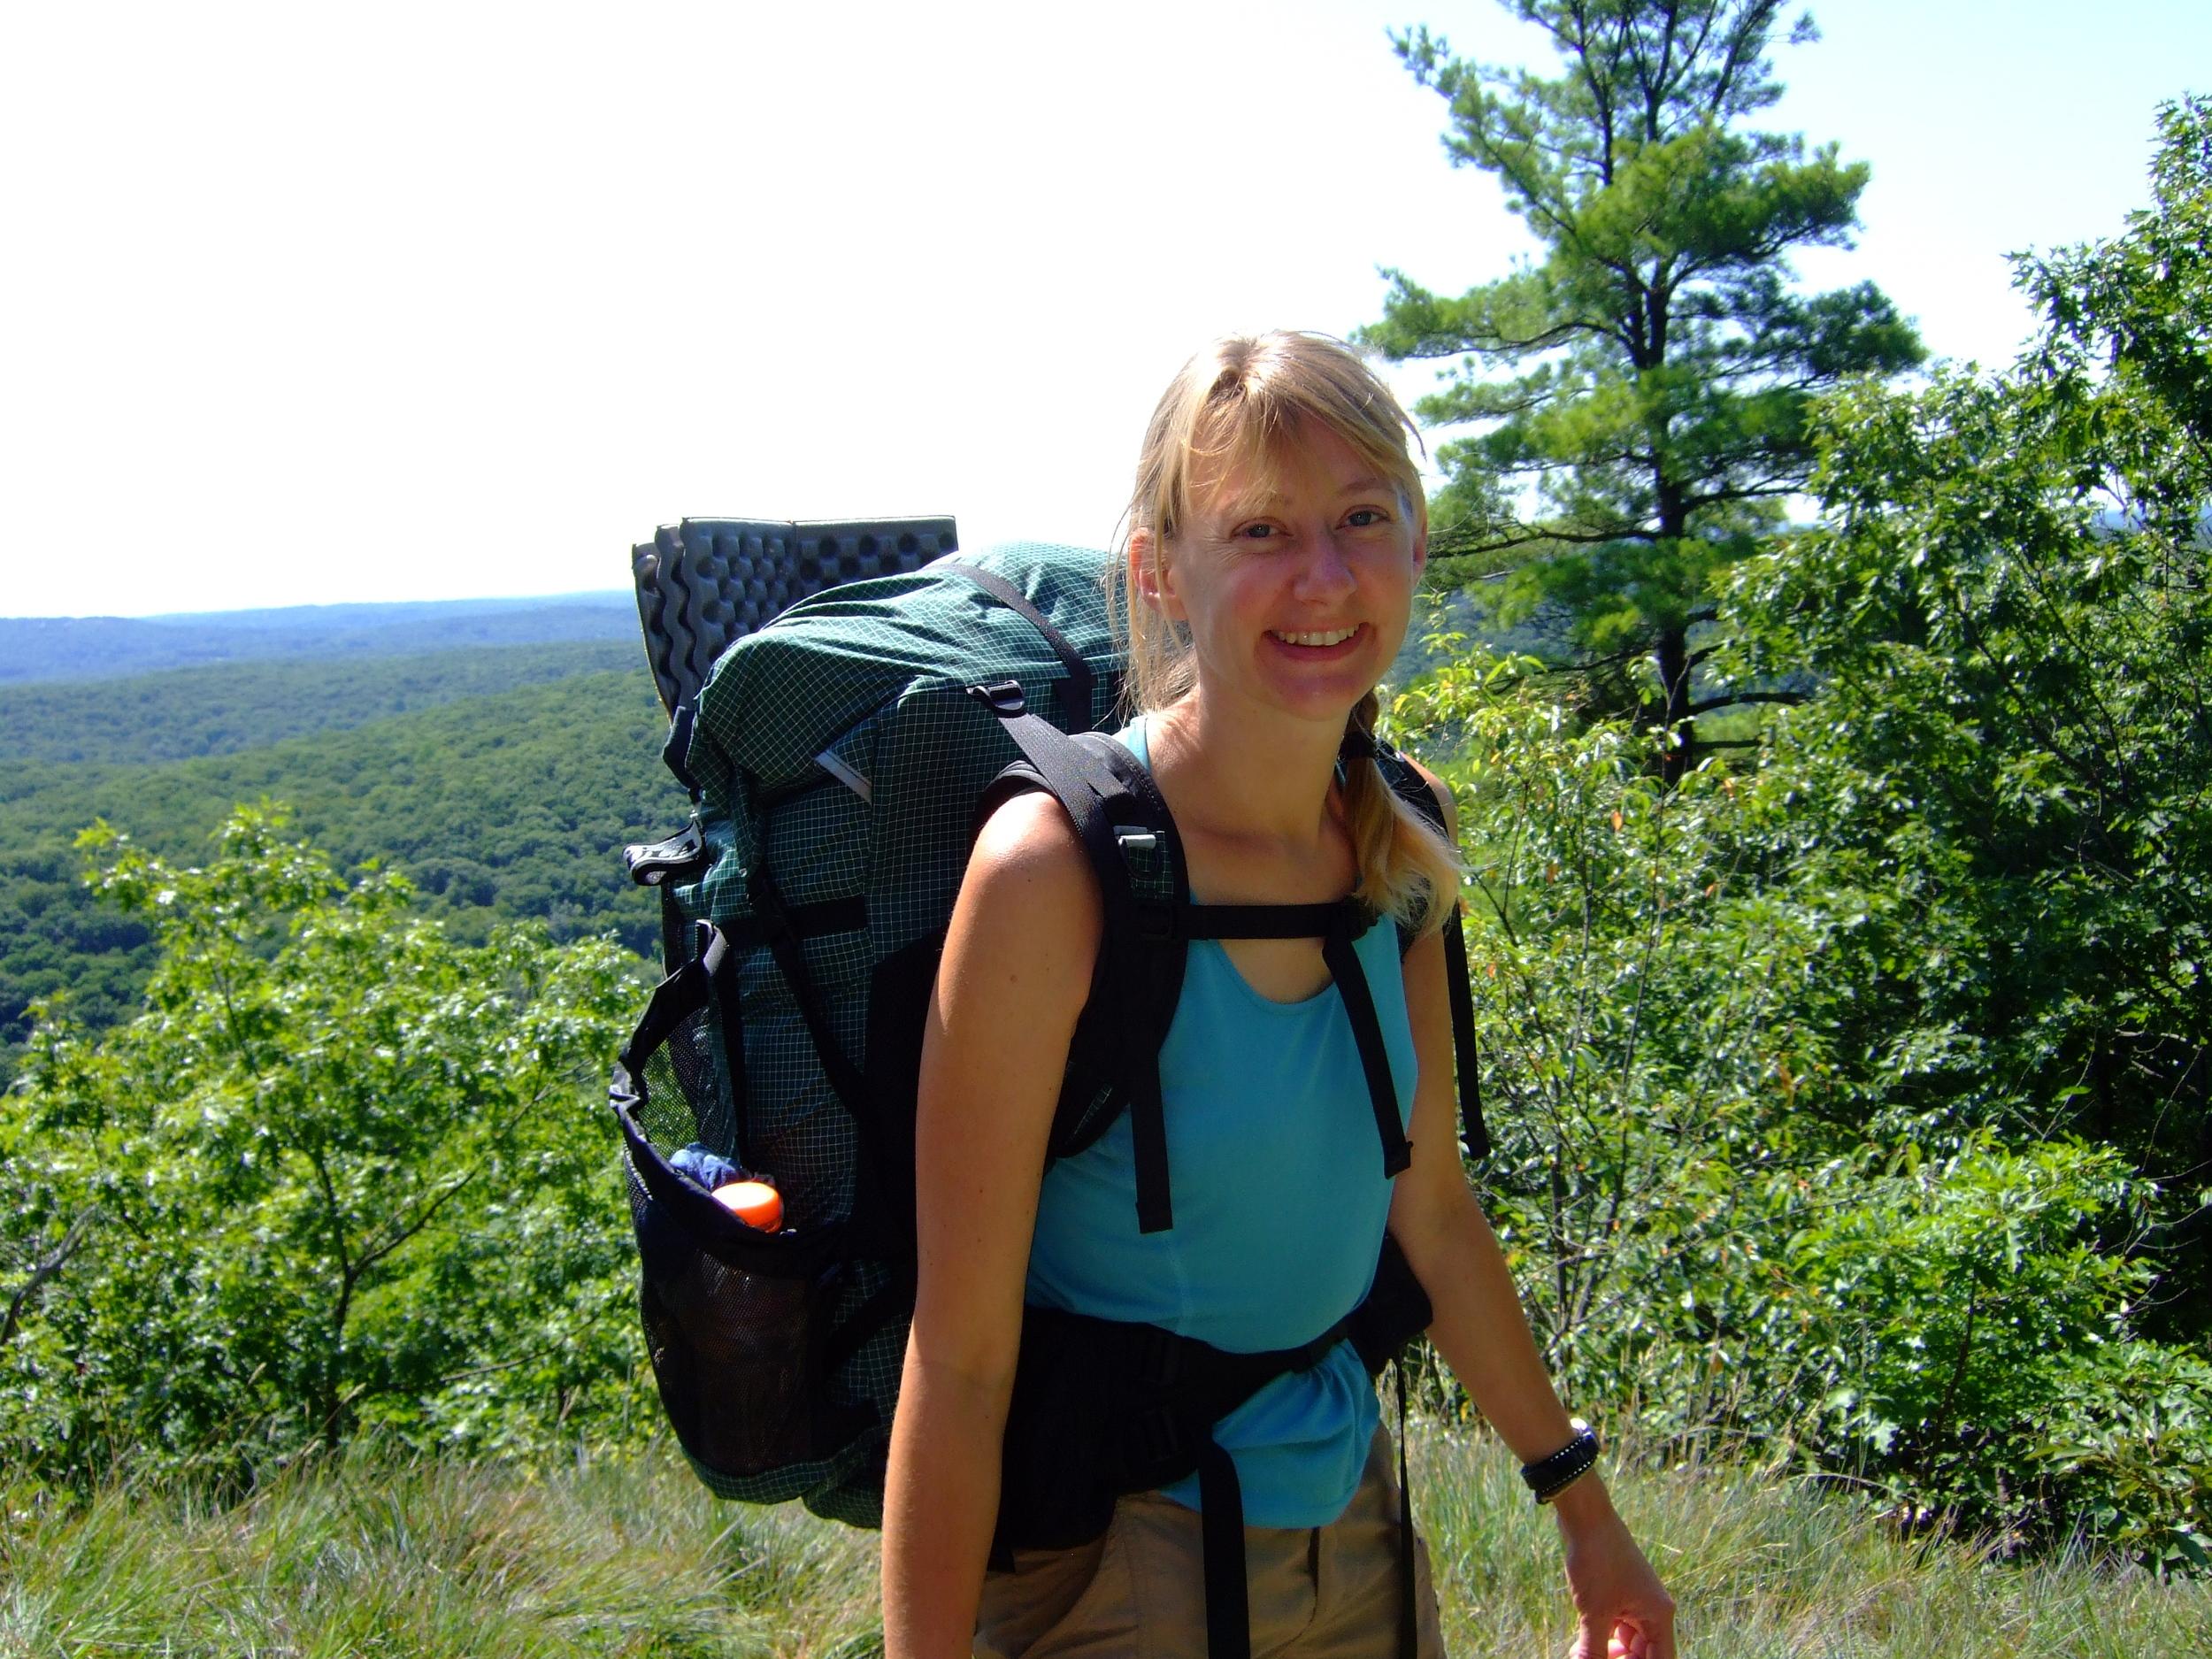 Appalachian-Trail-hiking-myths